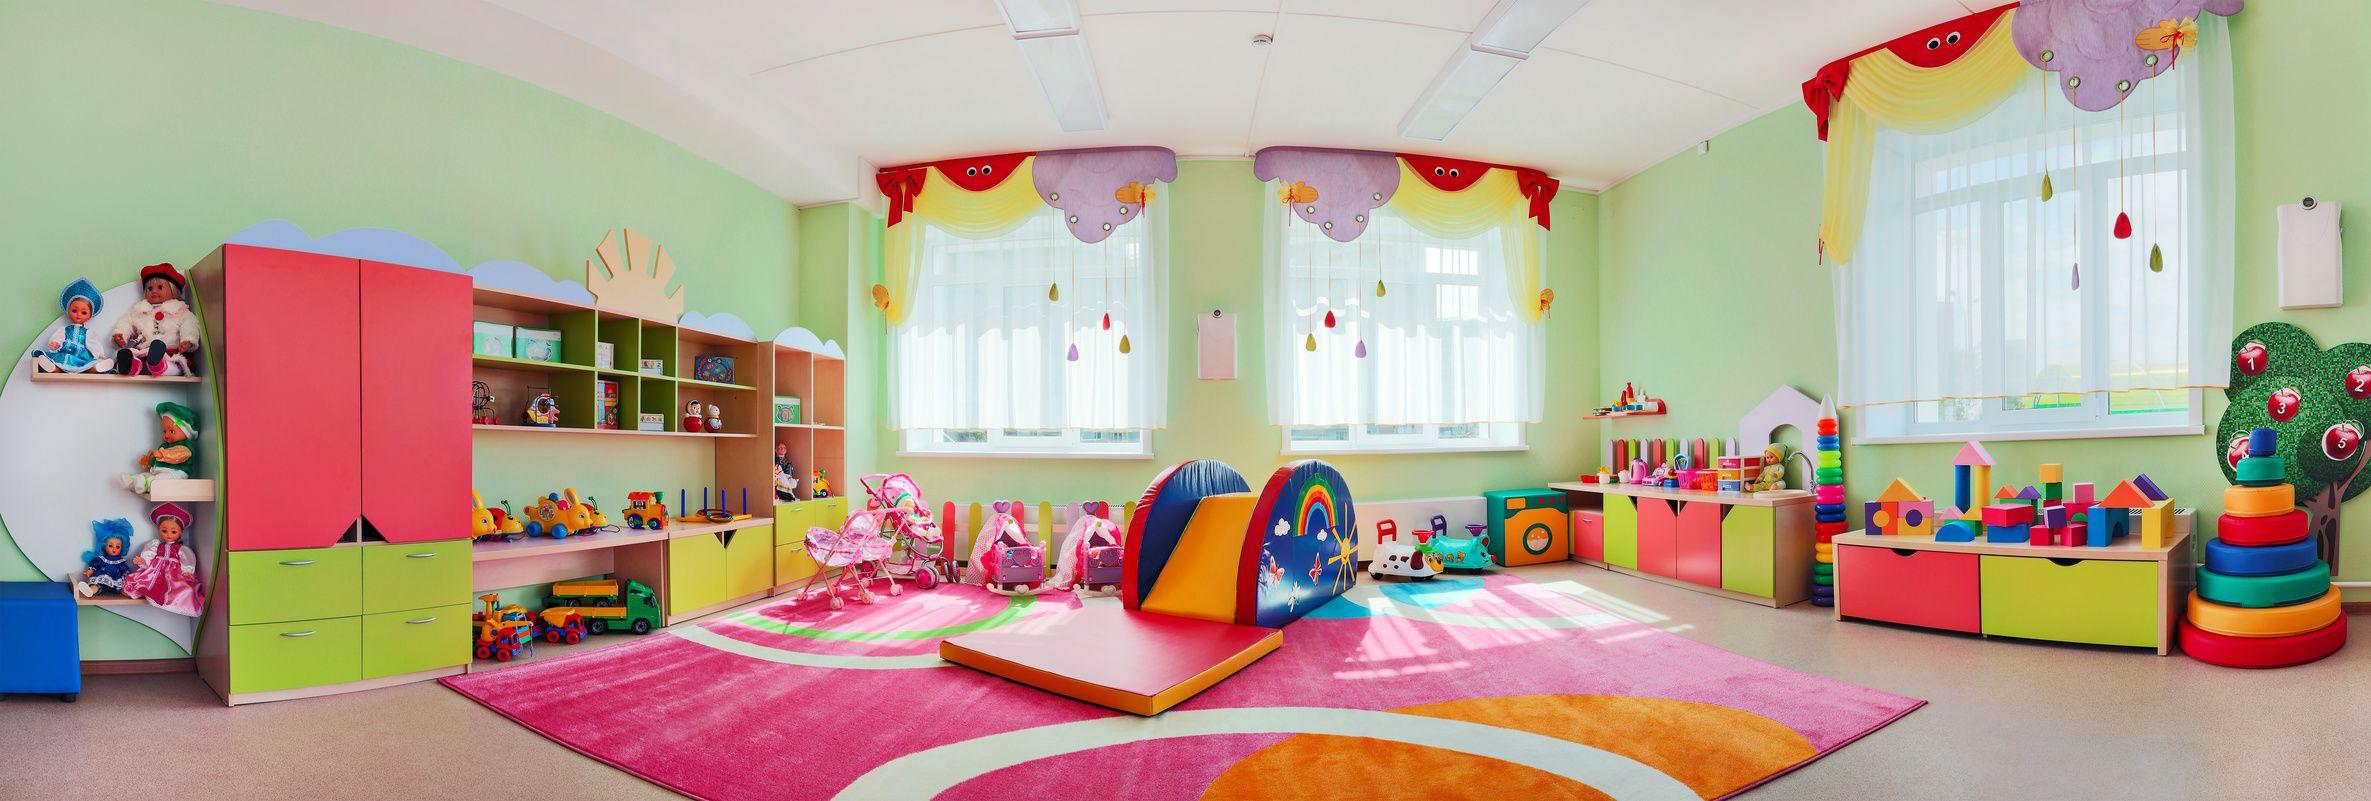 """Projekte mit Eltern: """"Unsere Kita soll schöner werden"""" - Sicherlich gibt es in Ihrem Kindergarten auch einen Bereich, der etwas stiefmütterlich wirkt. Sie möchten ihn gern umgestalten. Wie wäre es, wenn Sie eine Elternaktion mit dem Motto """"Unsere Kita soll schöner werden"""" daraus machen?"""